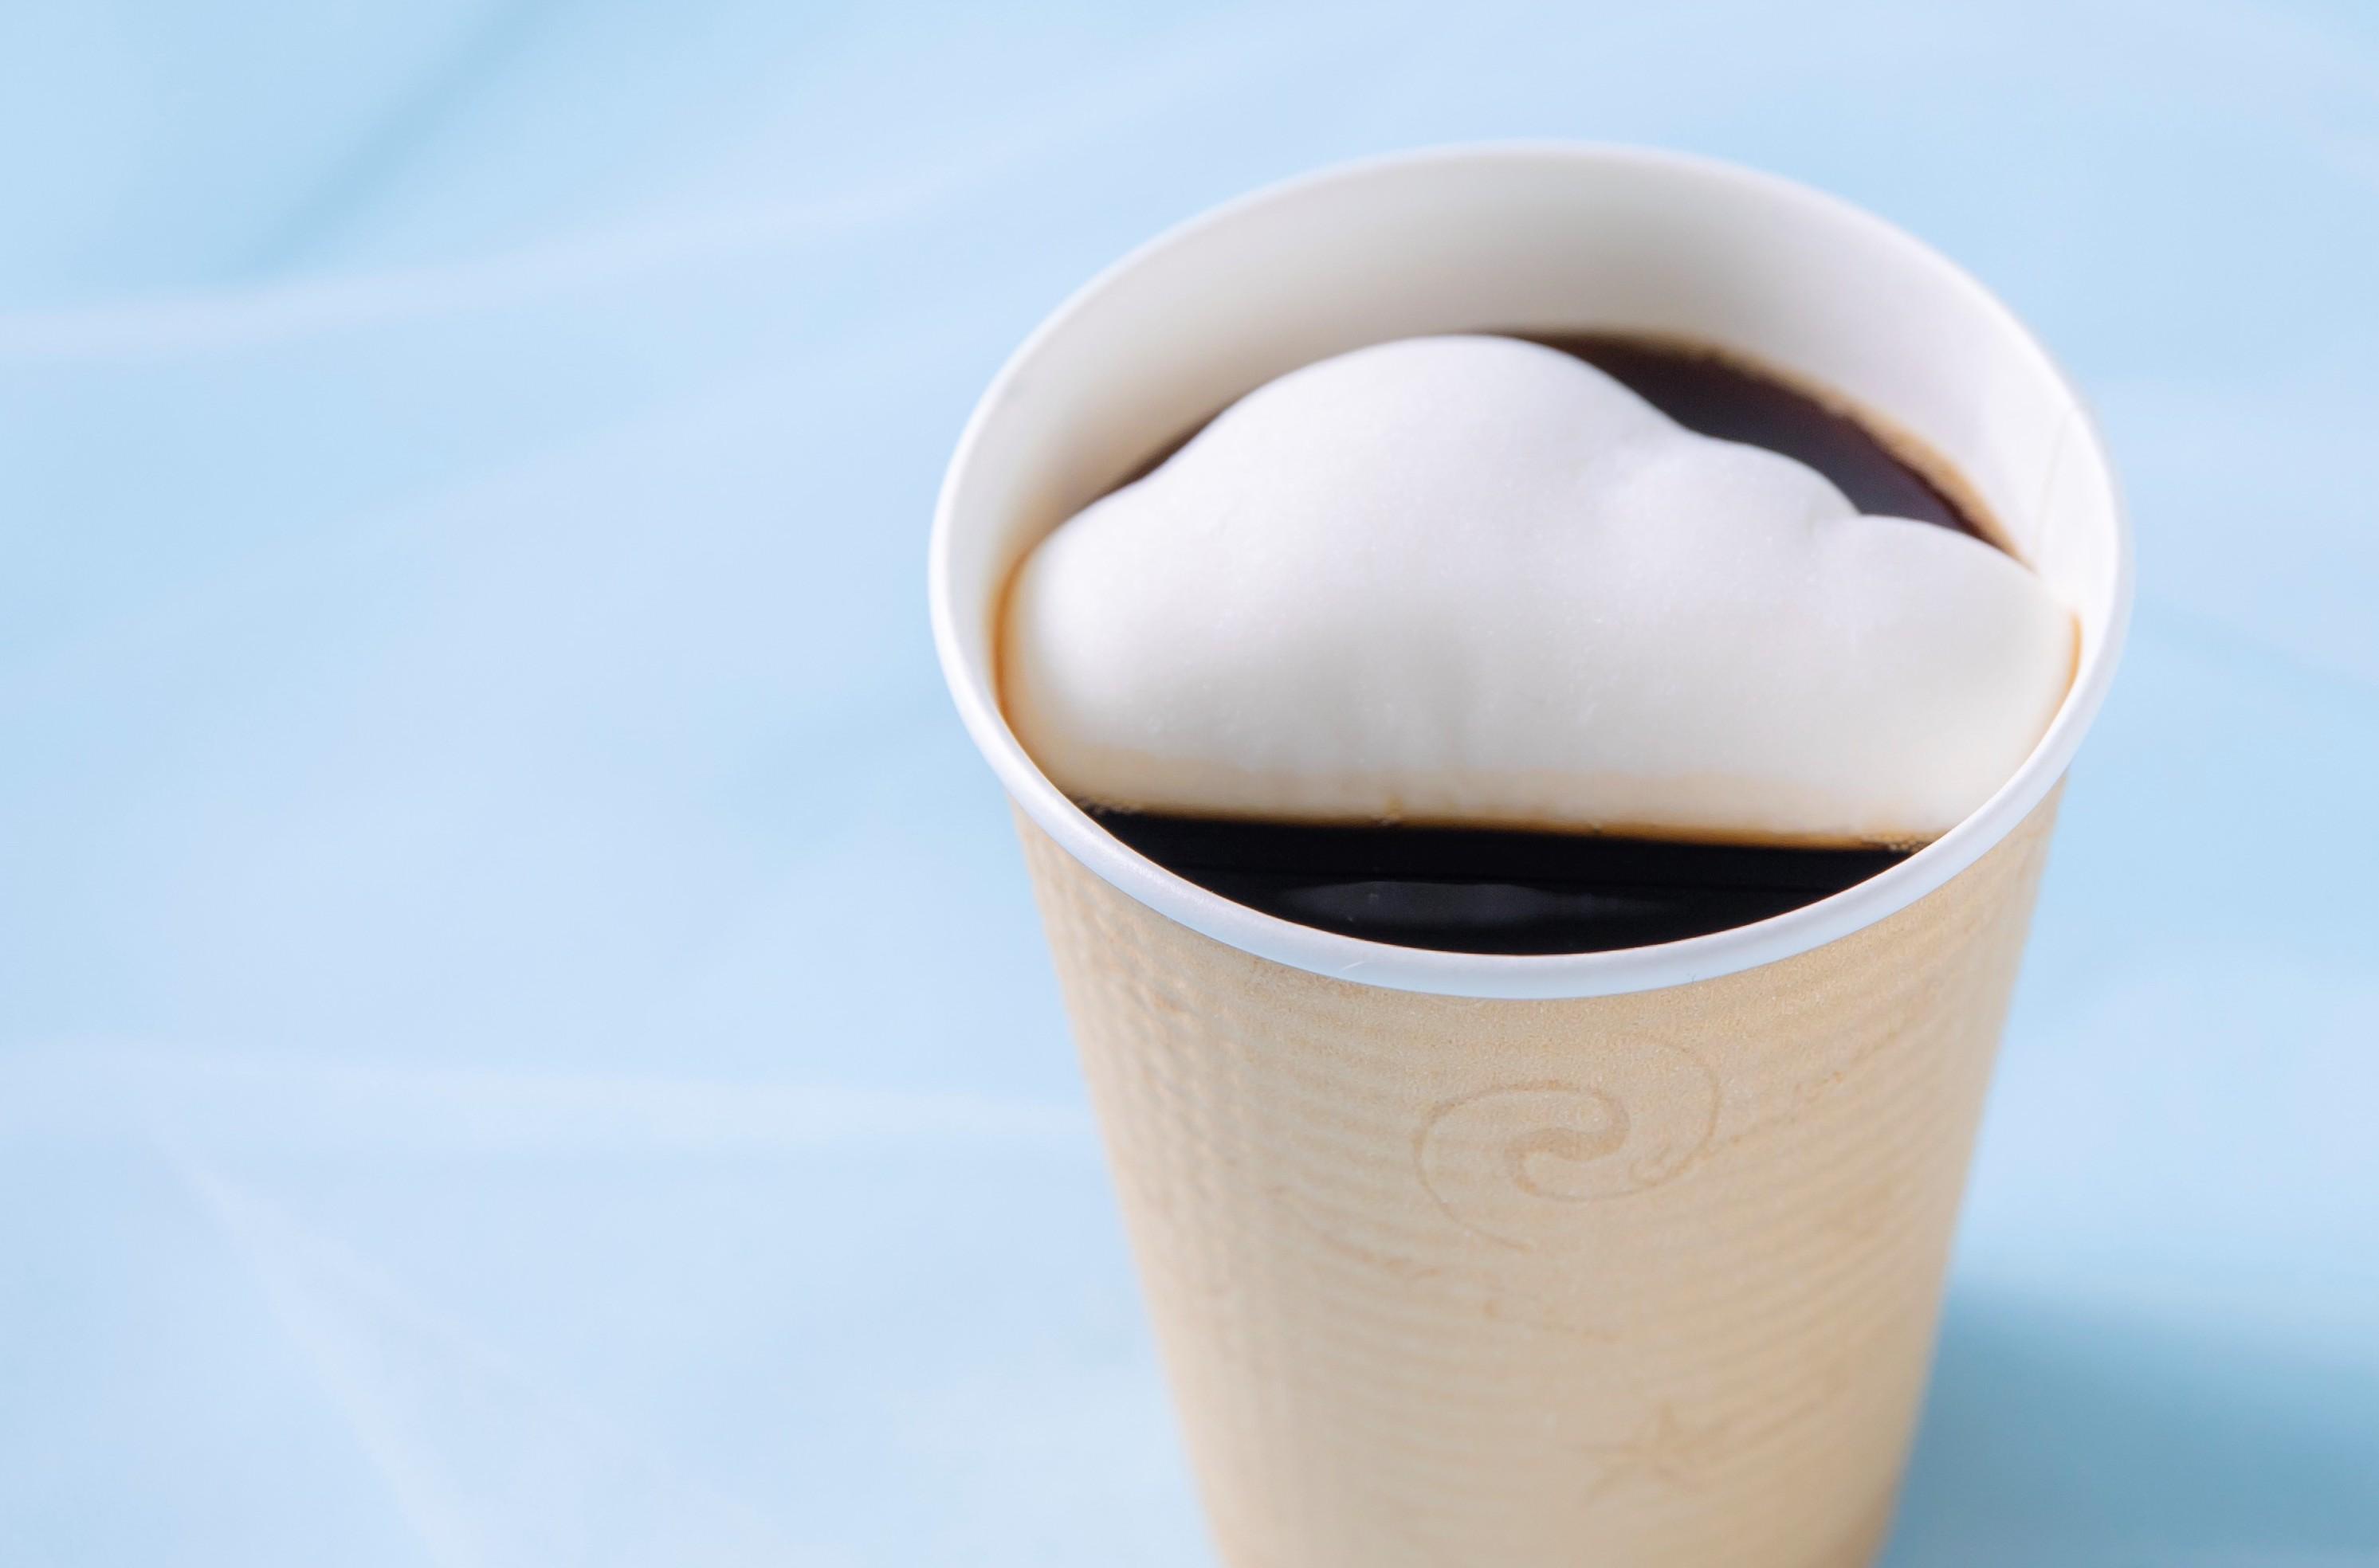 雲海コーヒー500円、雲海ソーダ500円